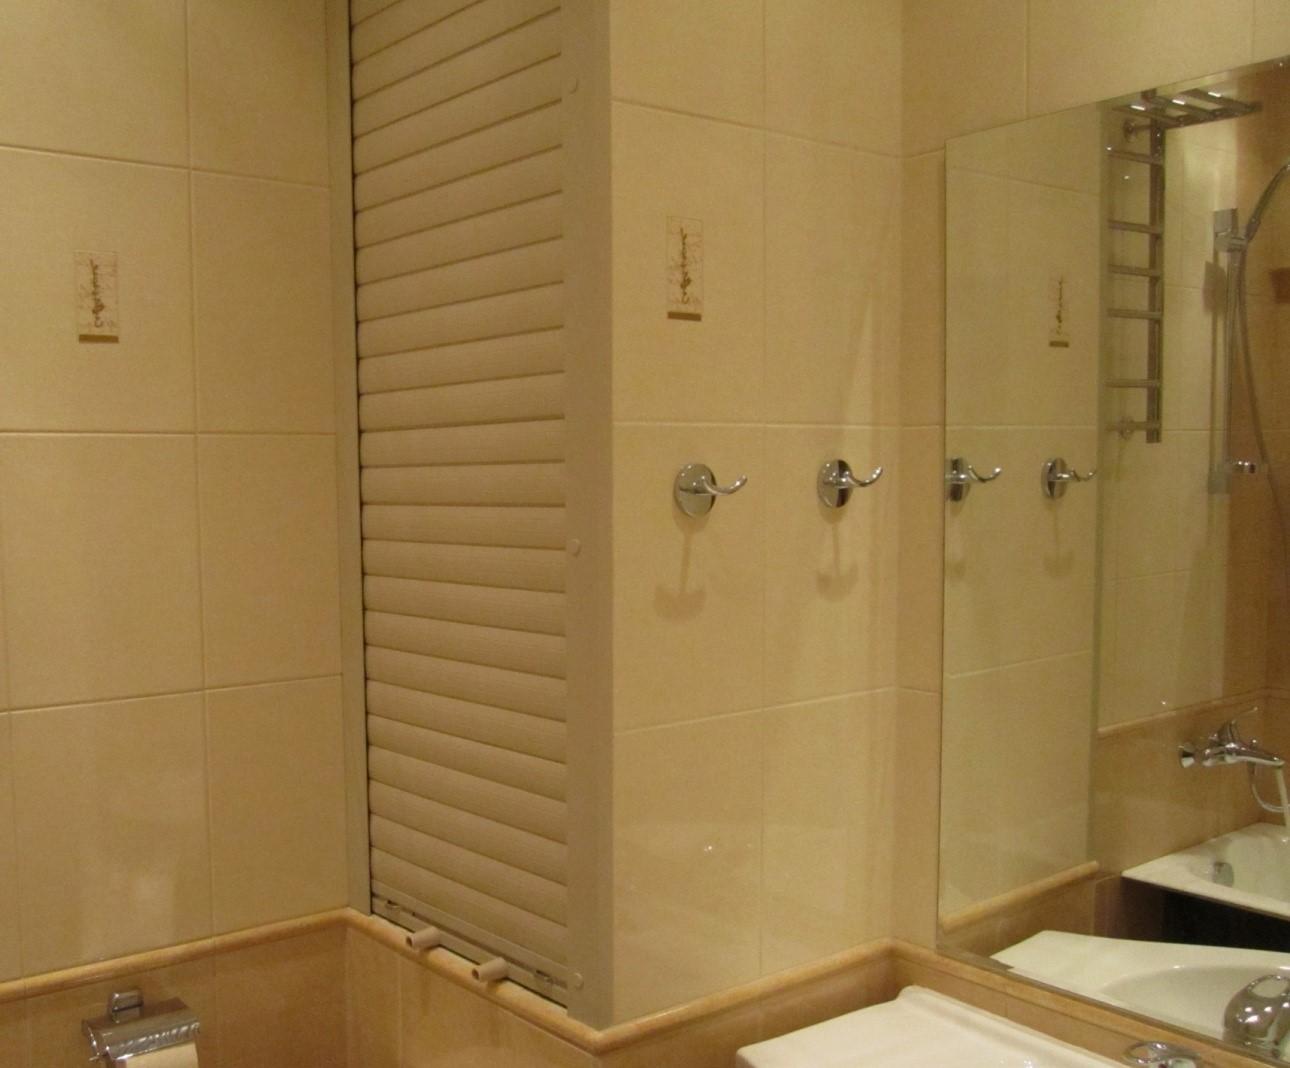 7 способов, как спрятать трубы в ванной комнате   строительный блог вити петрова